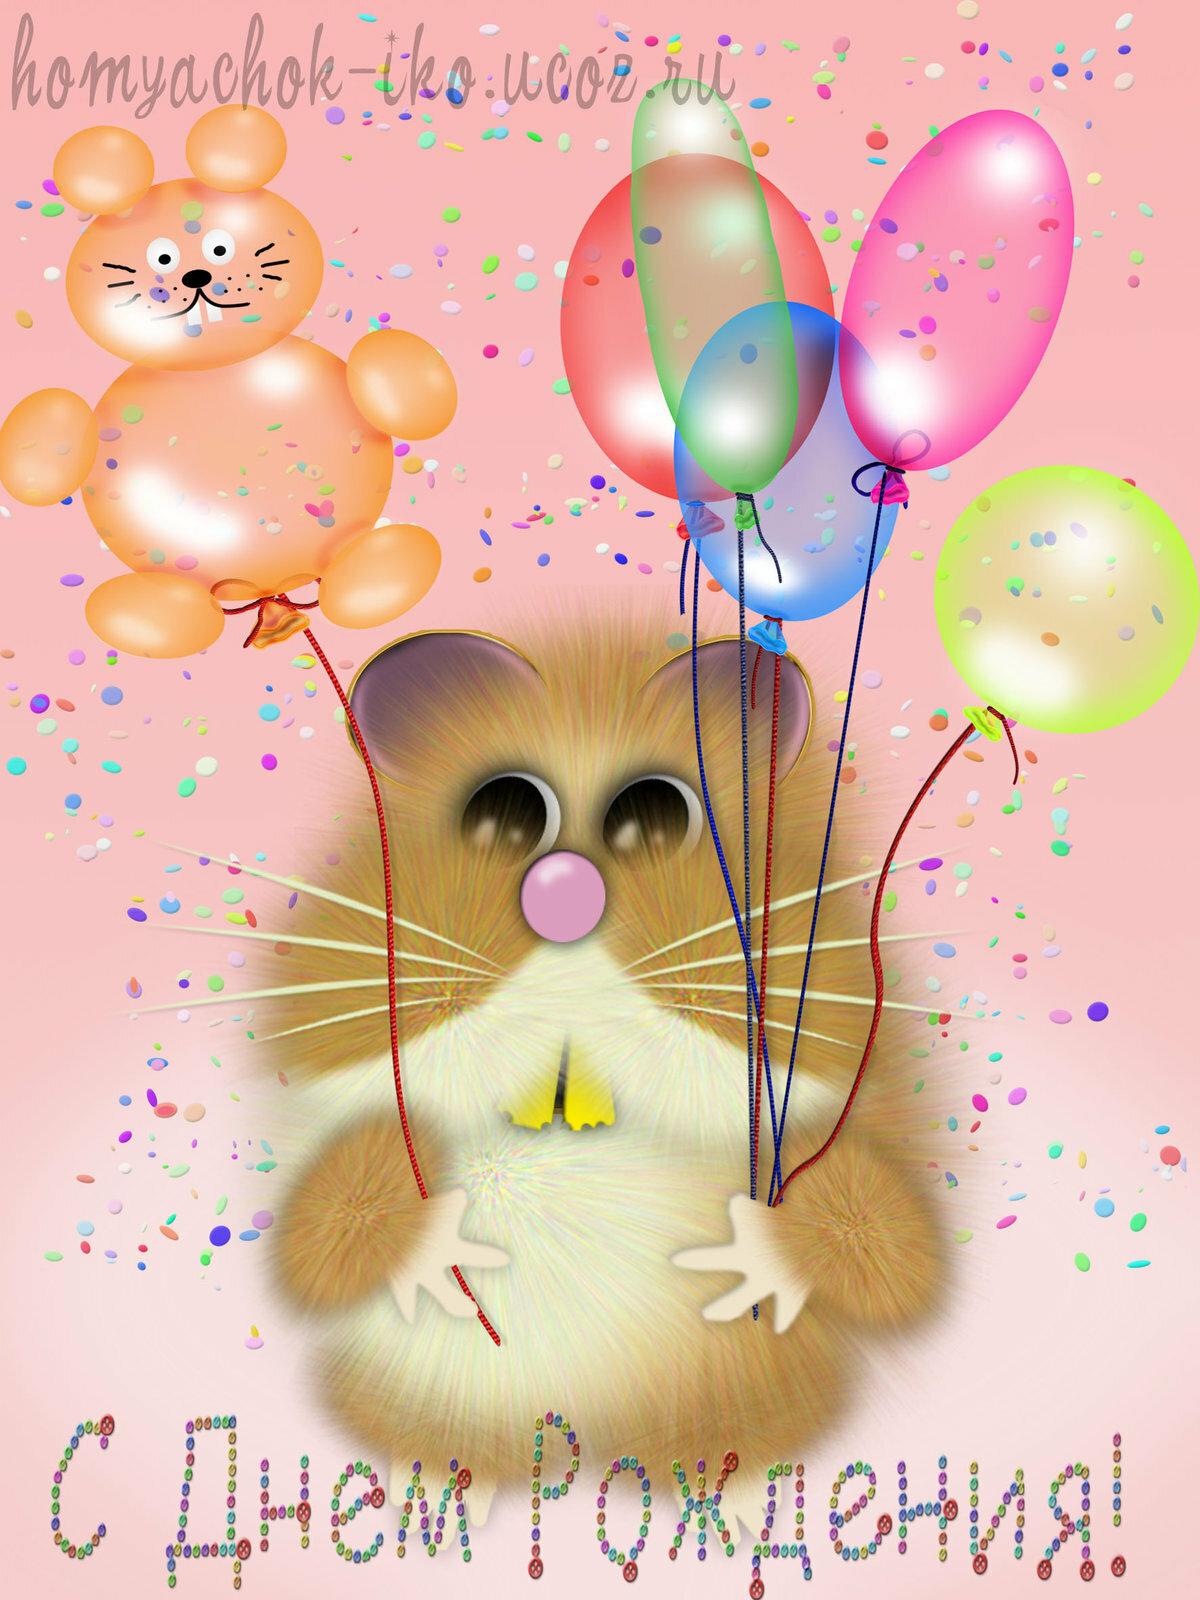 День рождения открытки милые